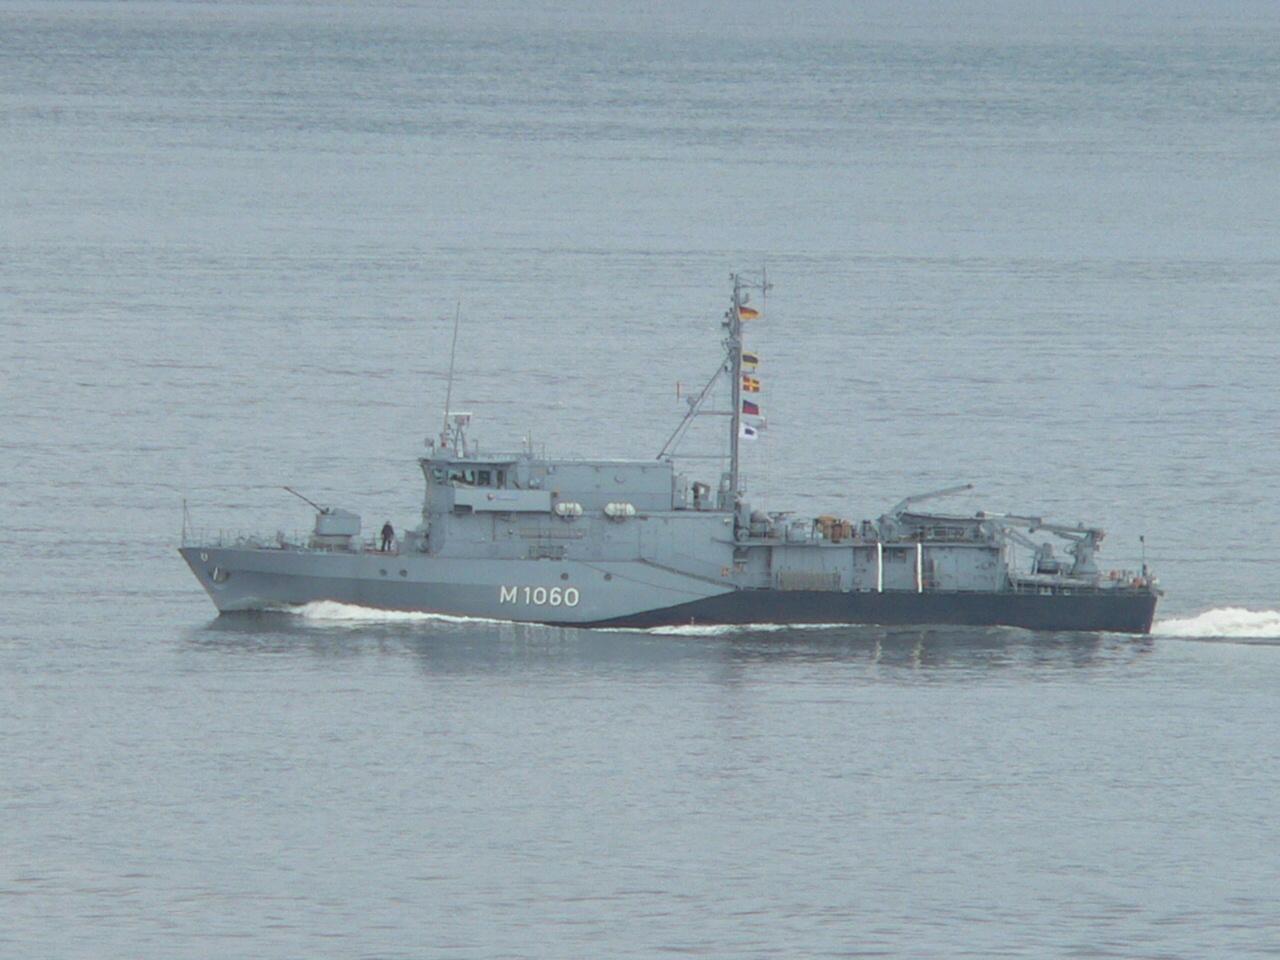 M-1060 FGS WEIDEN